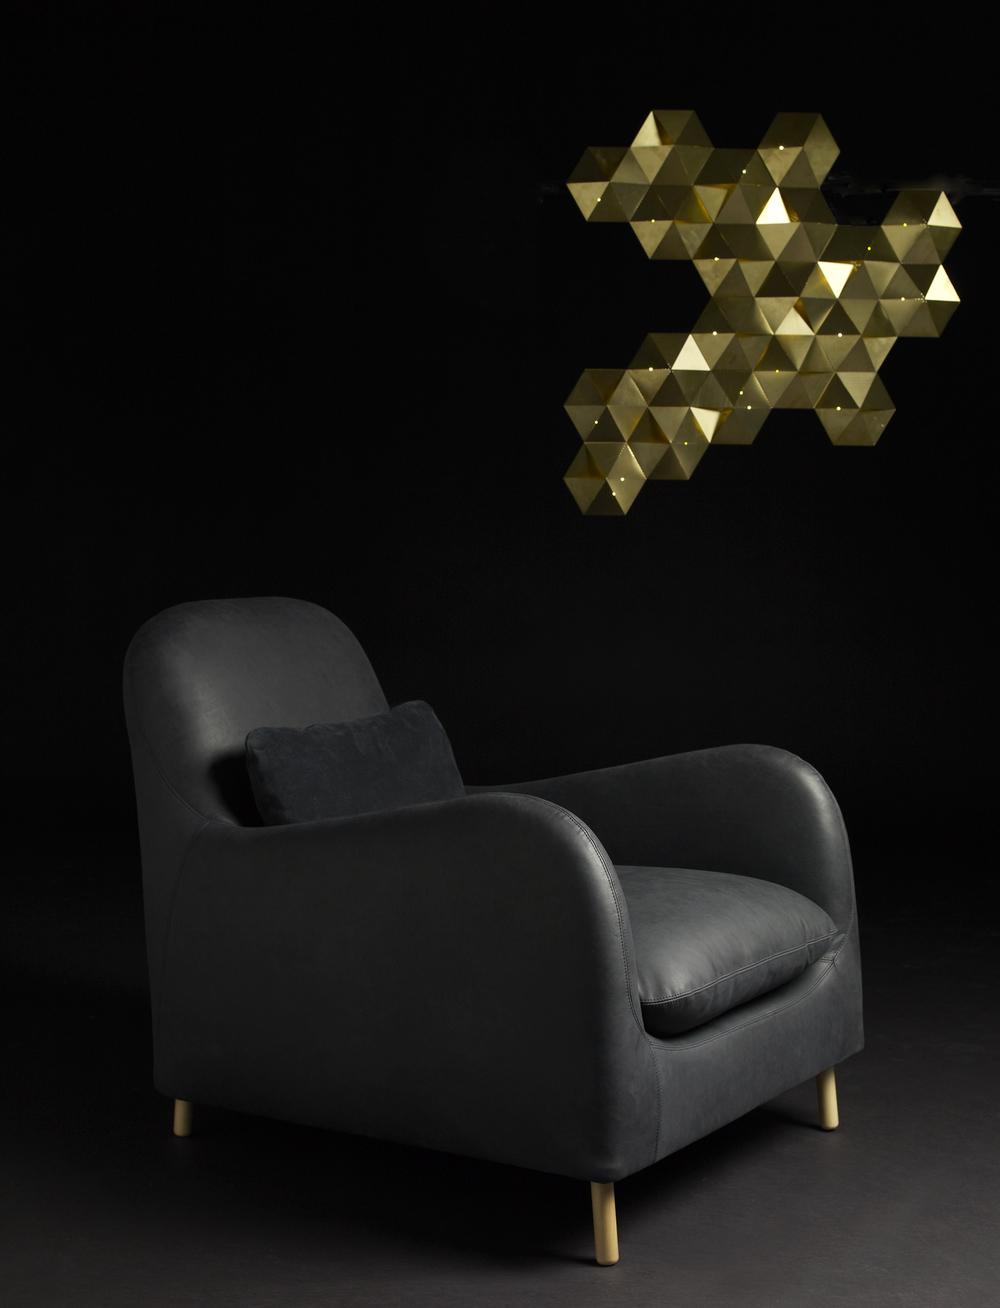 Aaron Probyn / Tessellate wall light + Smithfield armchair